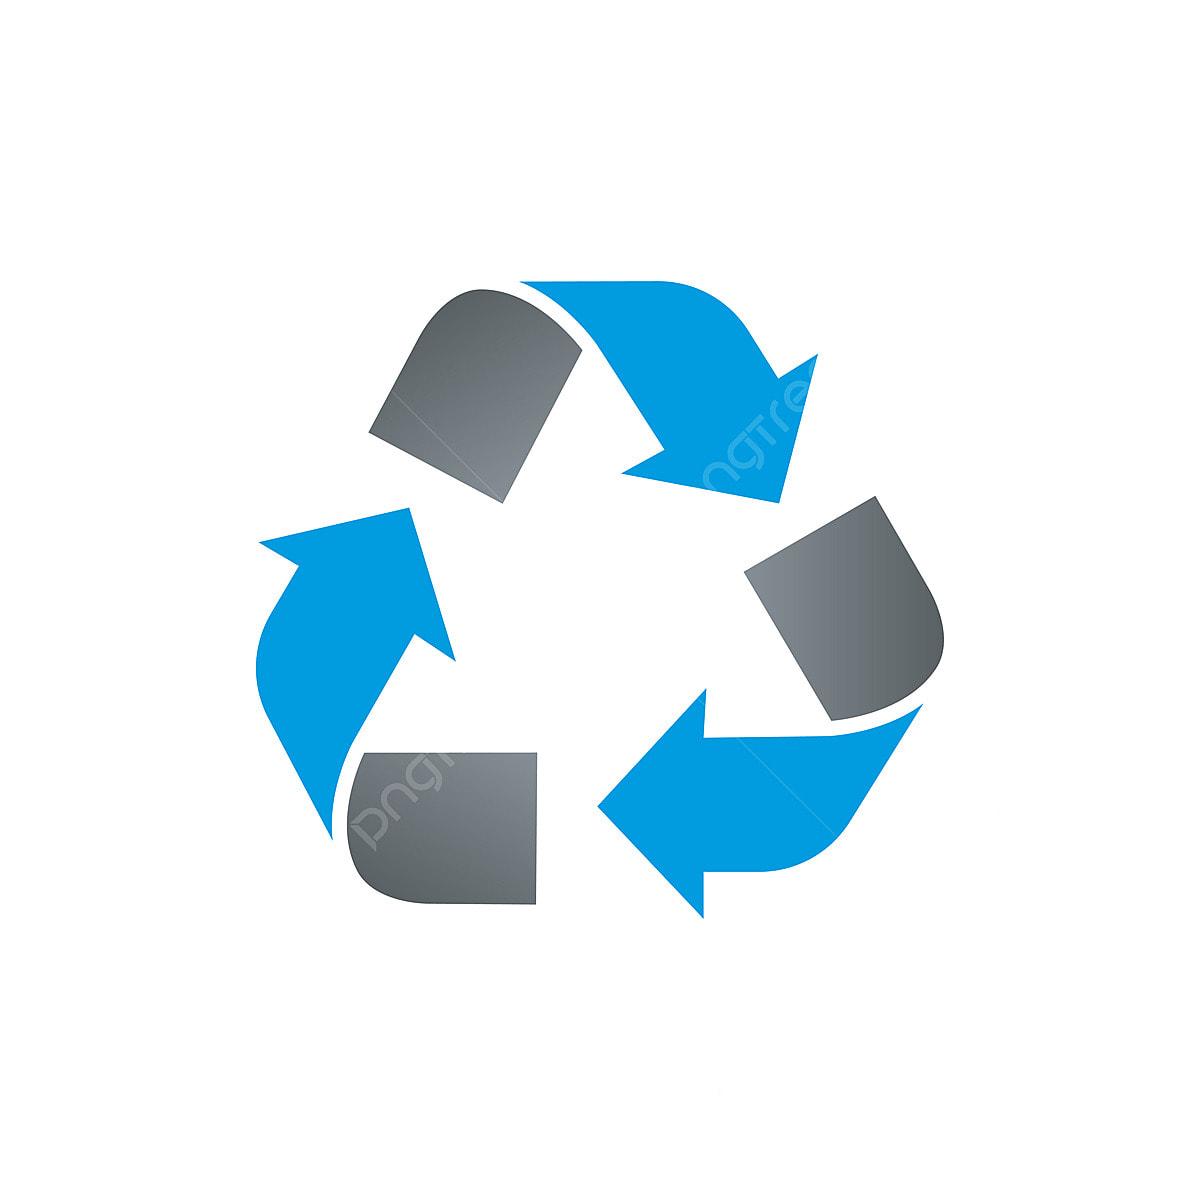 Gambar Kitar Semula Ikon Logo Reka Bentuk Template Vektor Ikon Recycle Simbol Png Dan Vektor Untuk Muat Turun Percuma